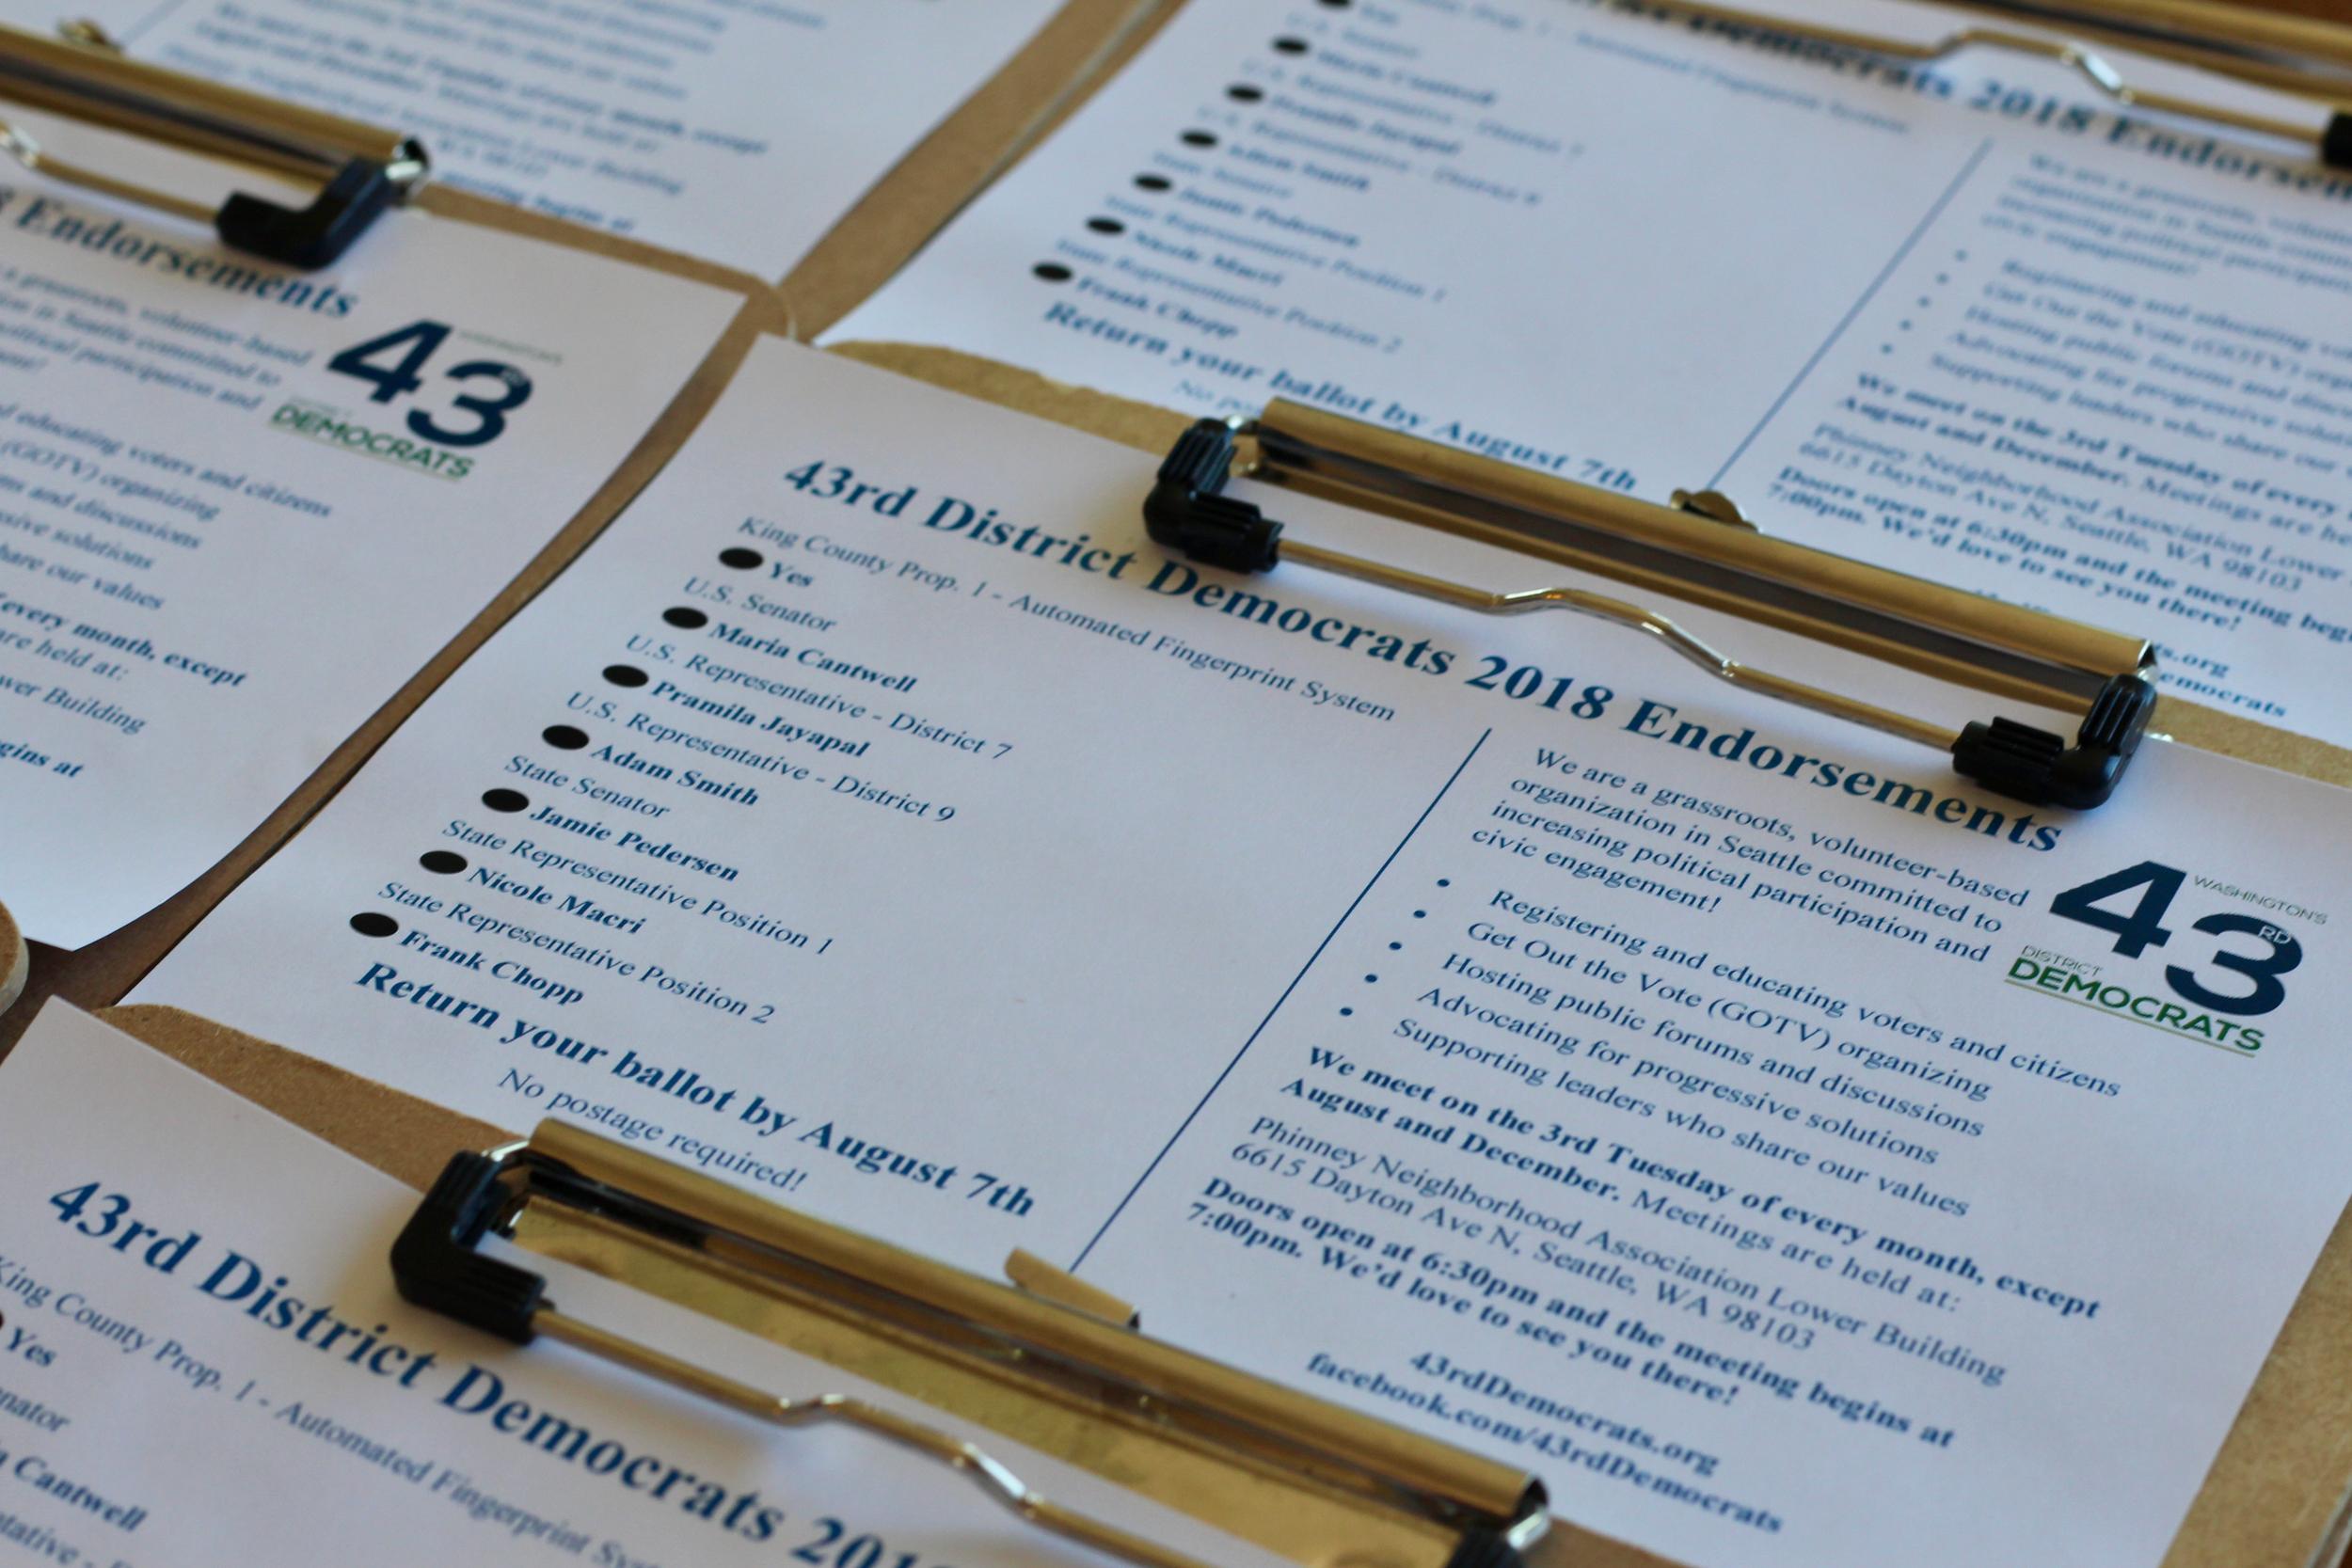 43rd sample ballotjpg